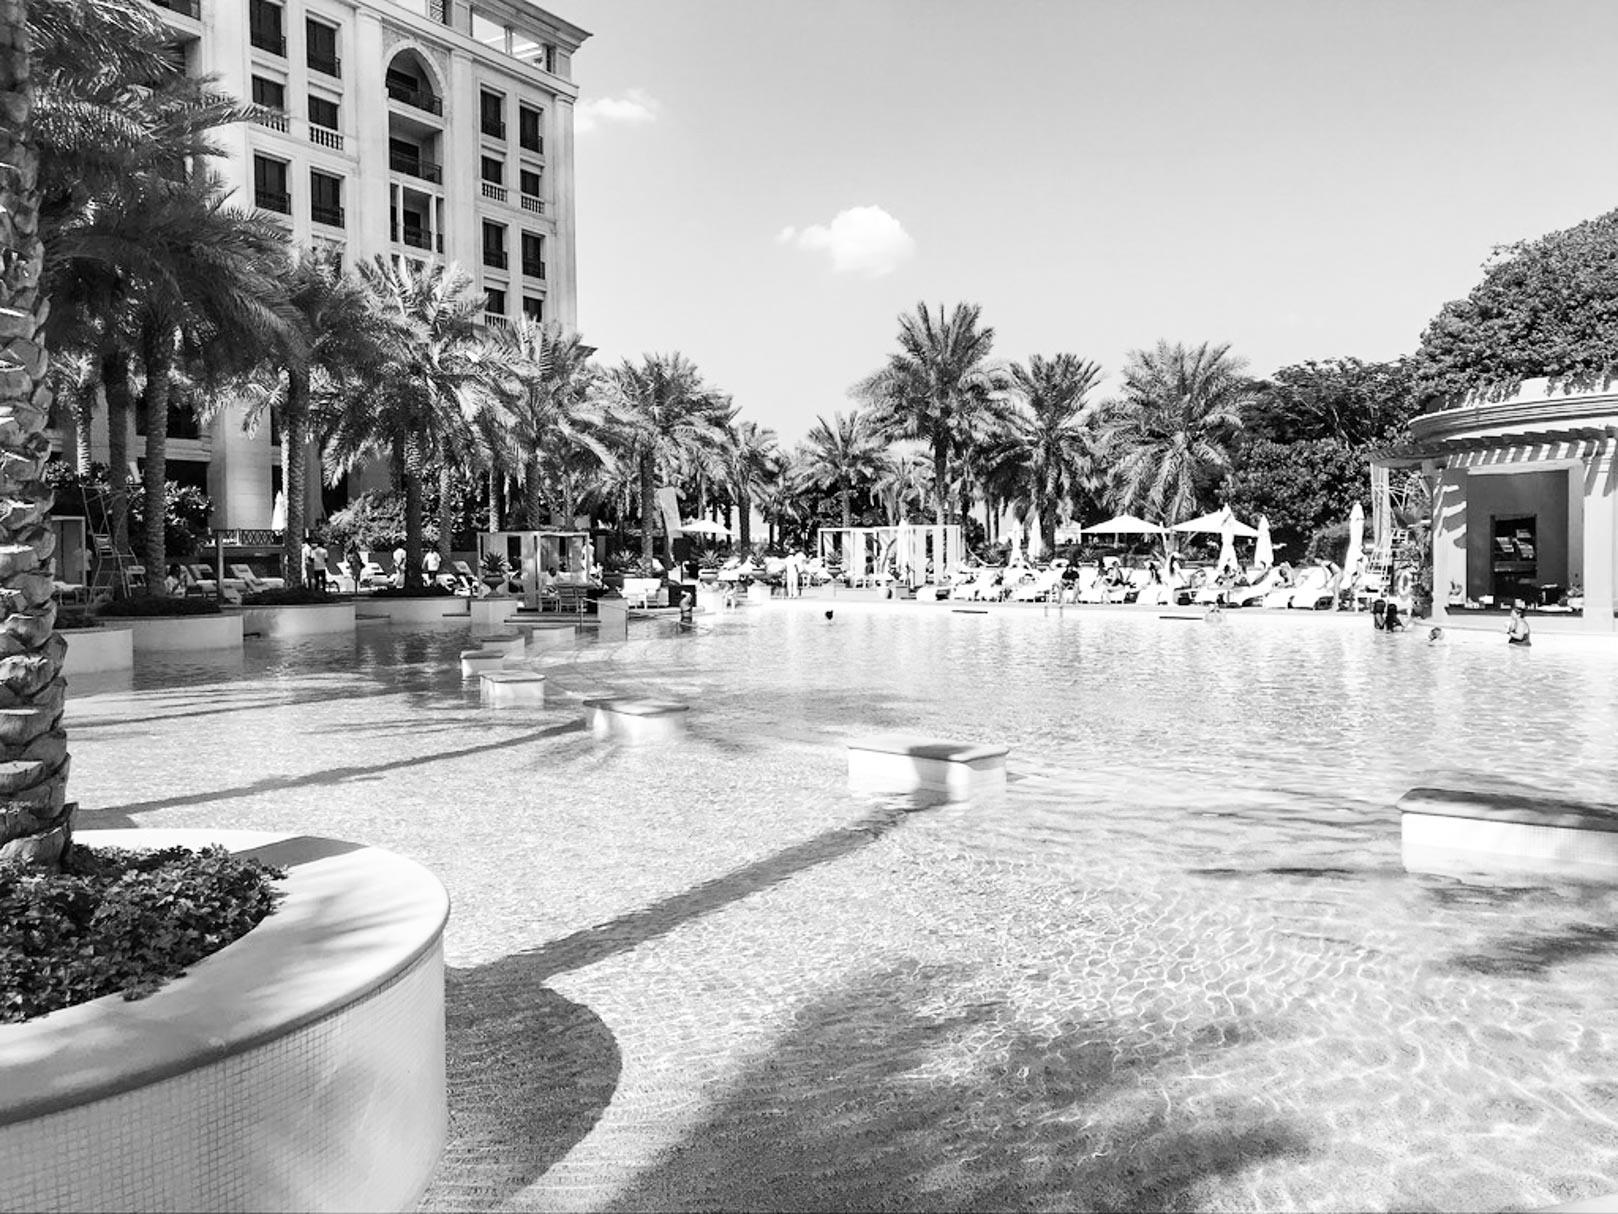 la piscina palazzo versace hotel dubai - Behind the scene